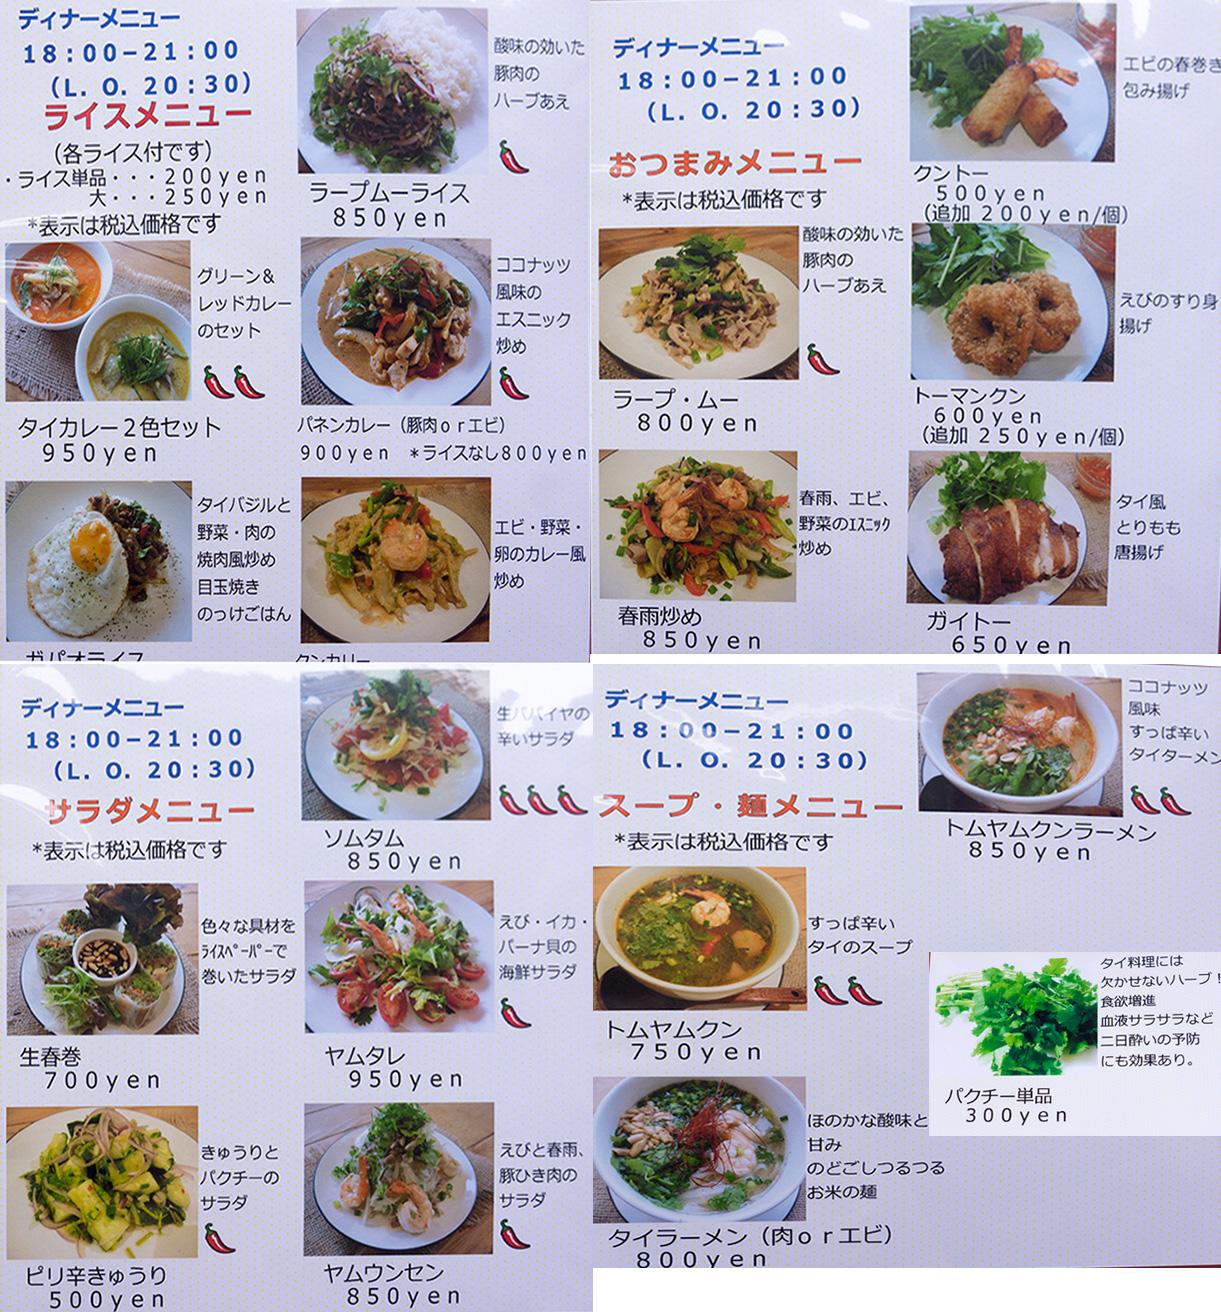 menu_collage_hochihochi.jpg